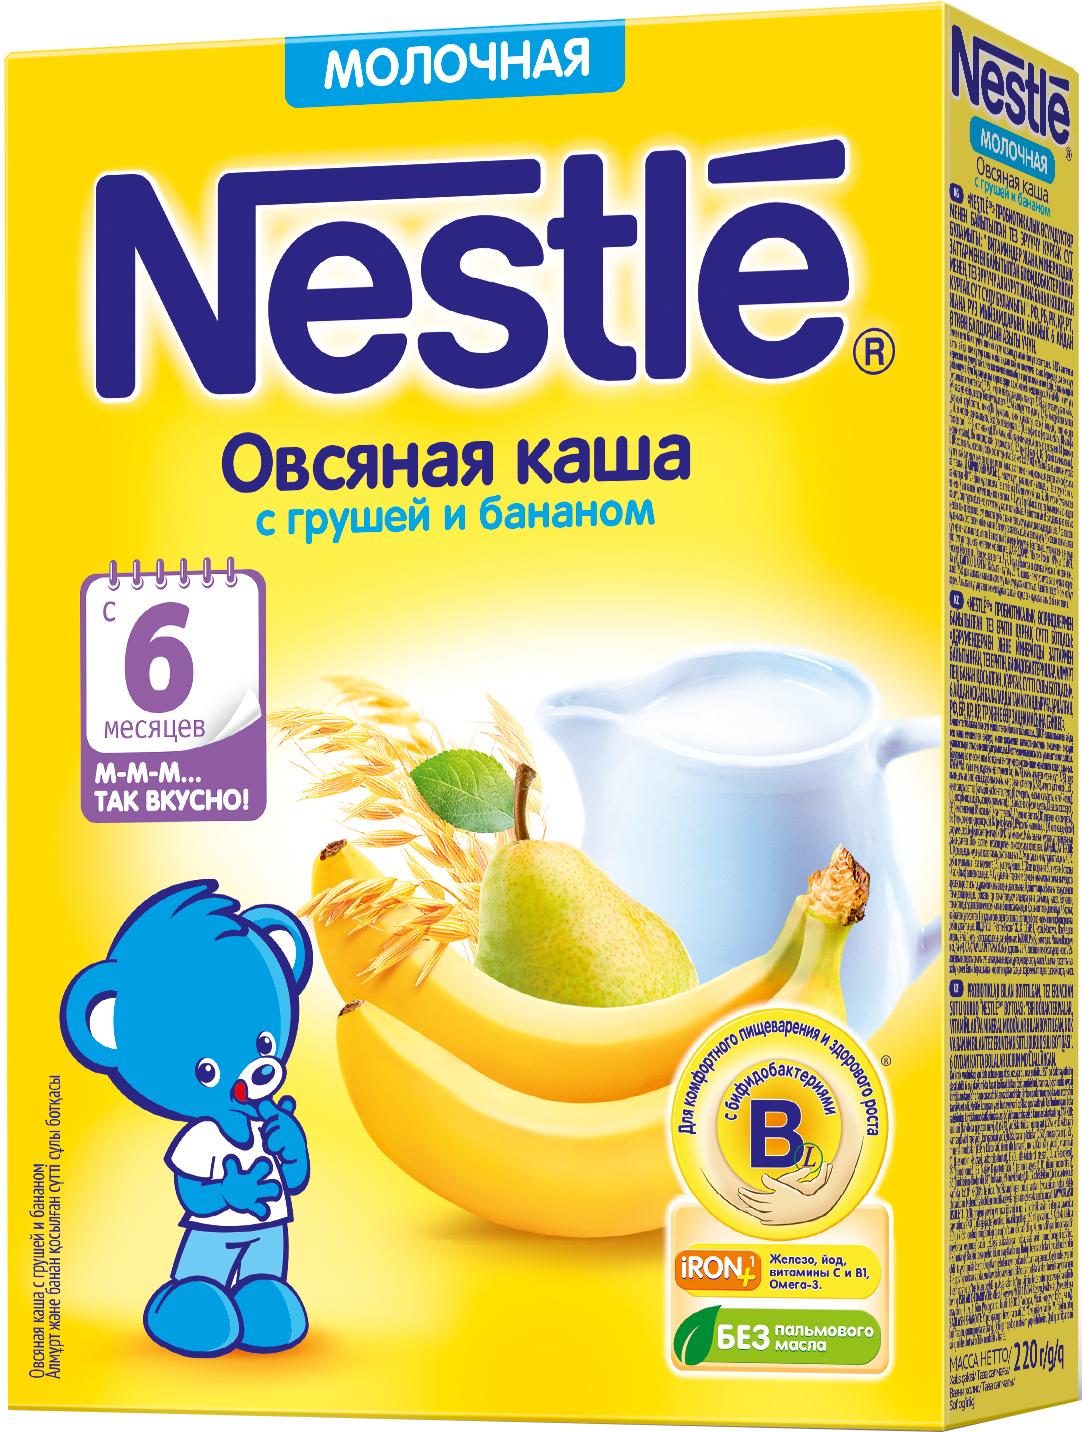 Молочные Nestle Каша молочная Nestle овсяная с грушей и бананом с 6 мес. 220 г каша молочная умница овсяная с бананом с 6 мес 200 г